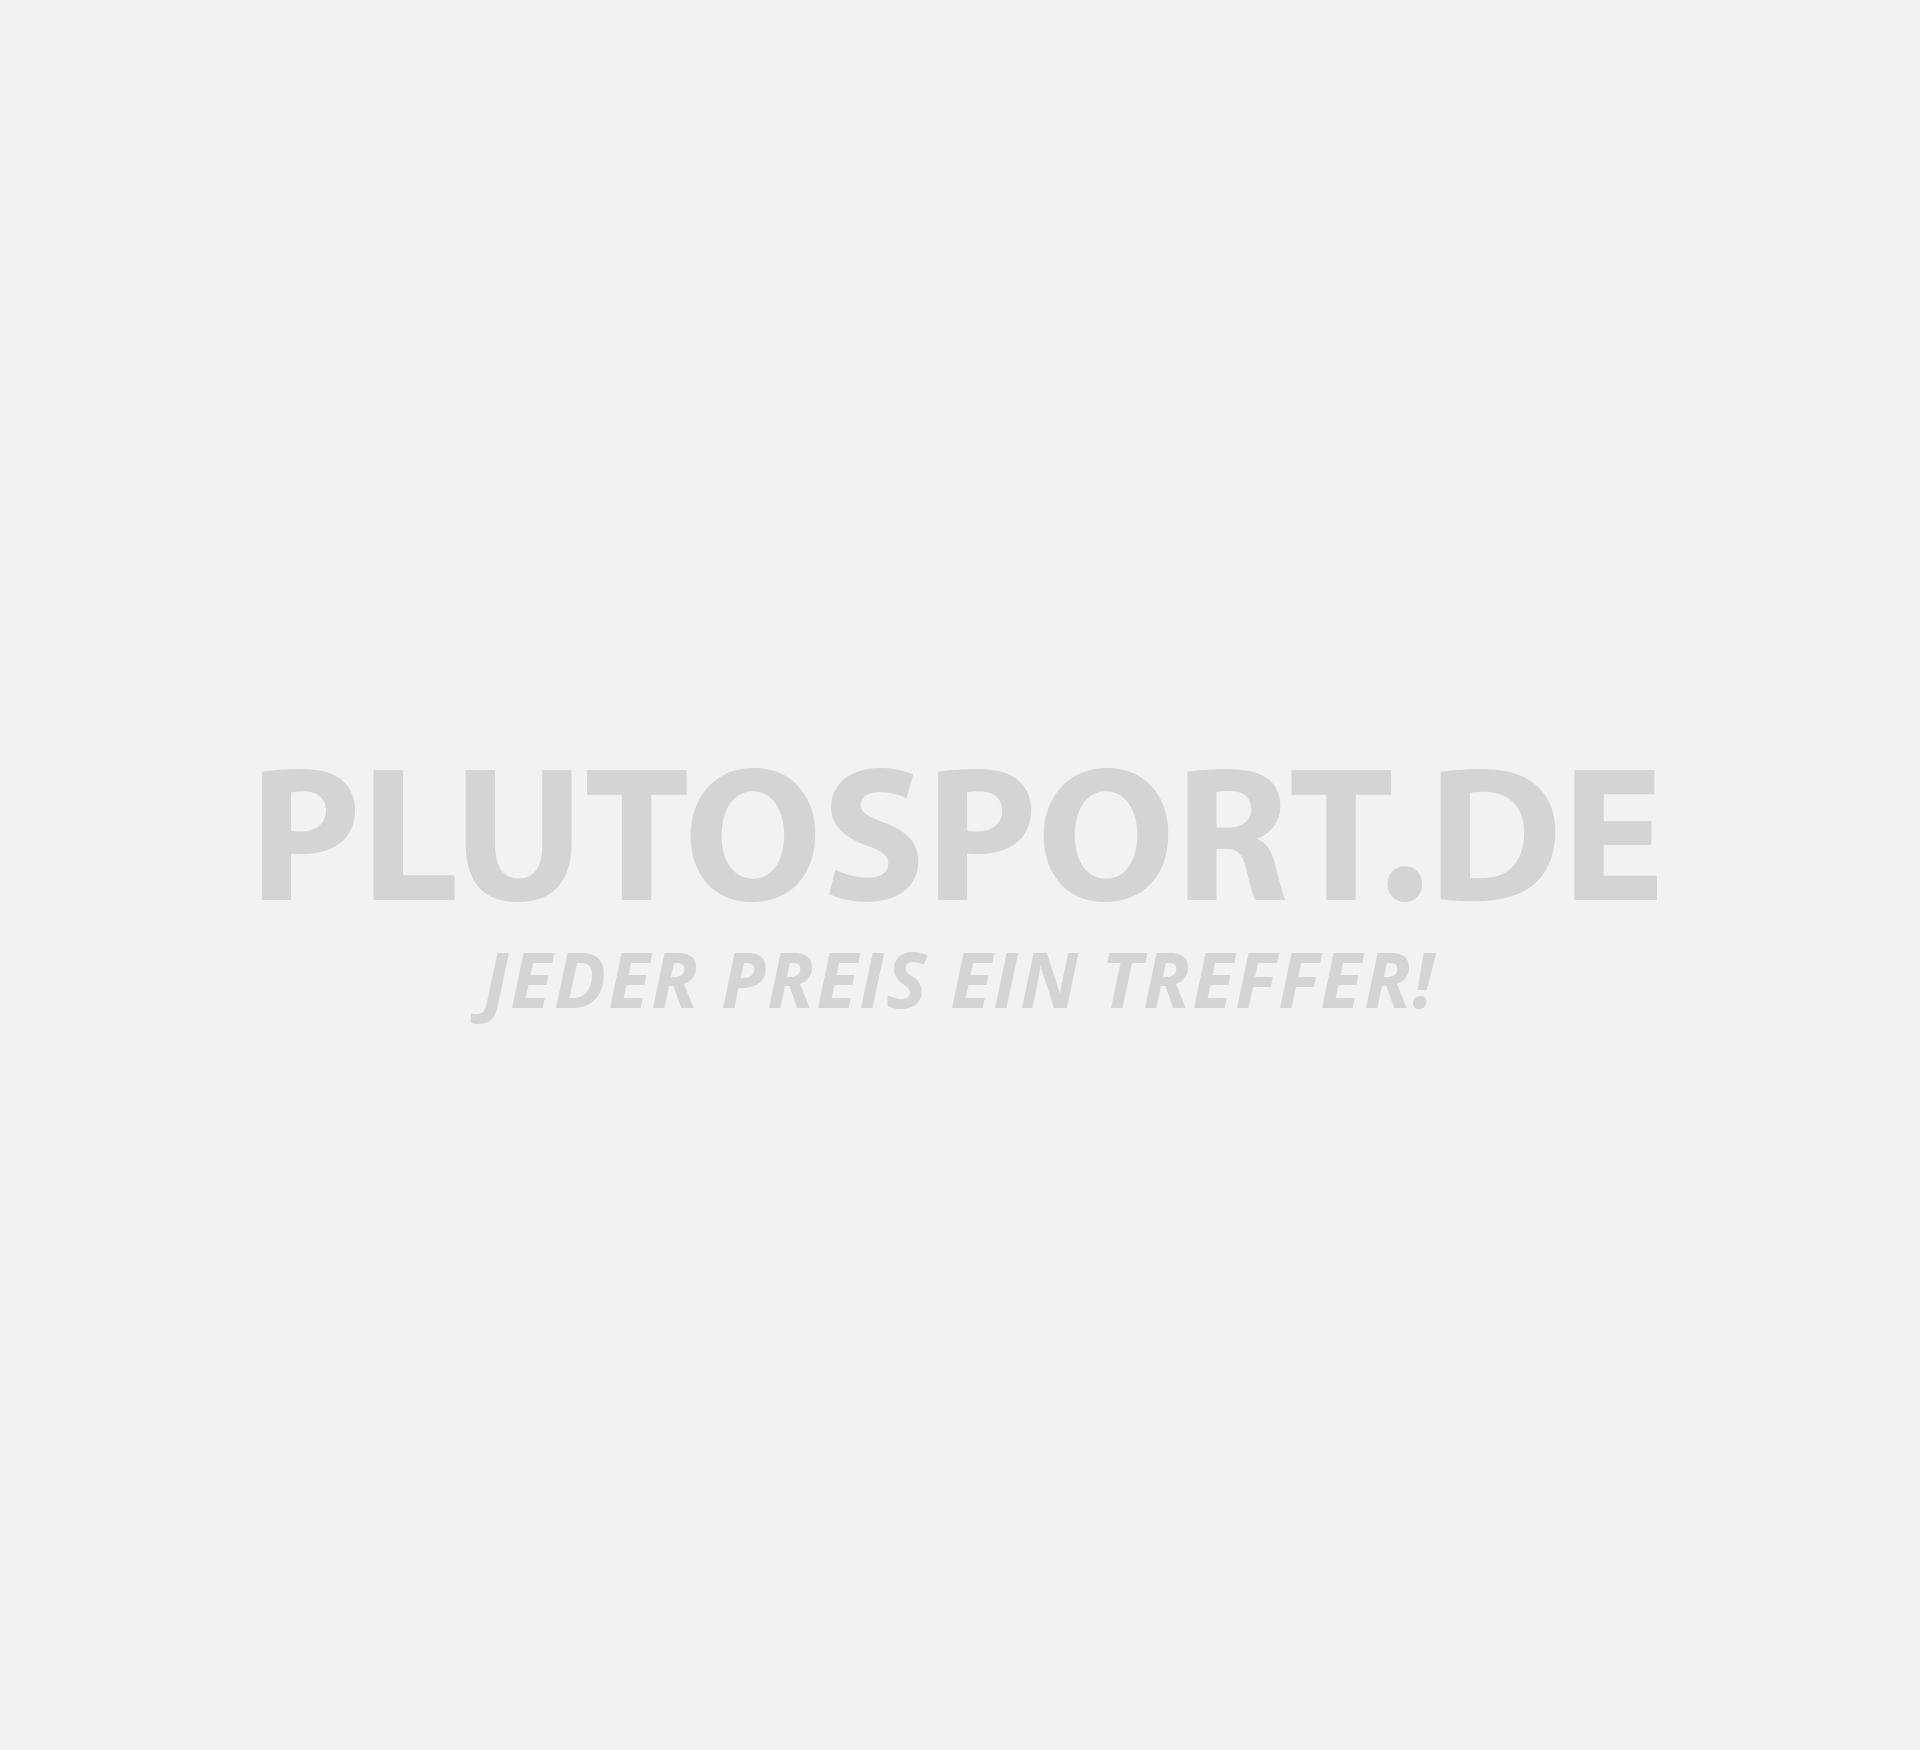 Nike Roshe One Turnschuhe Schuhe Freizeit Sportarten Schöne